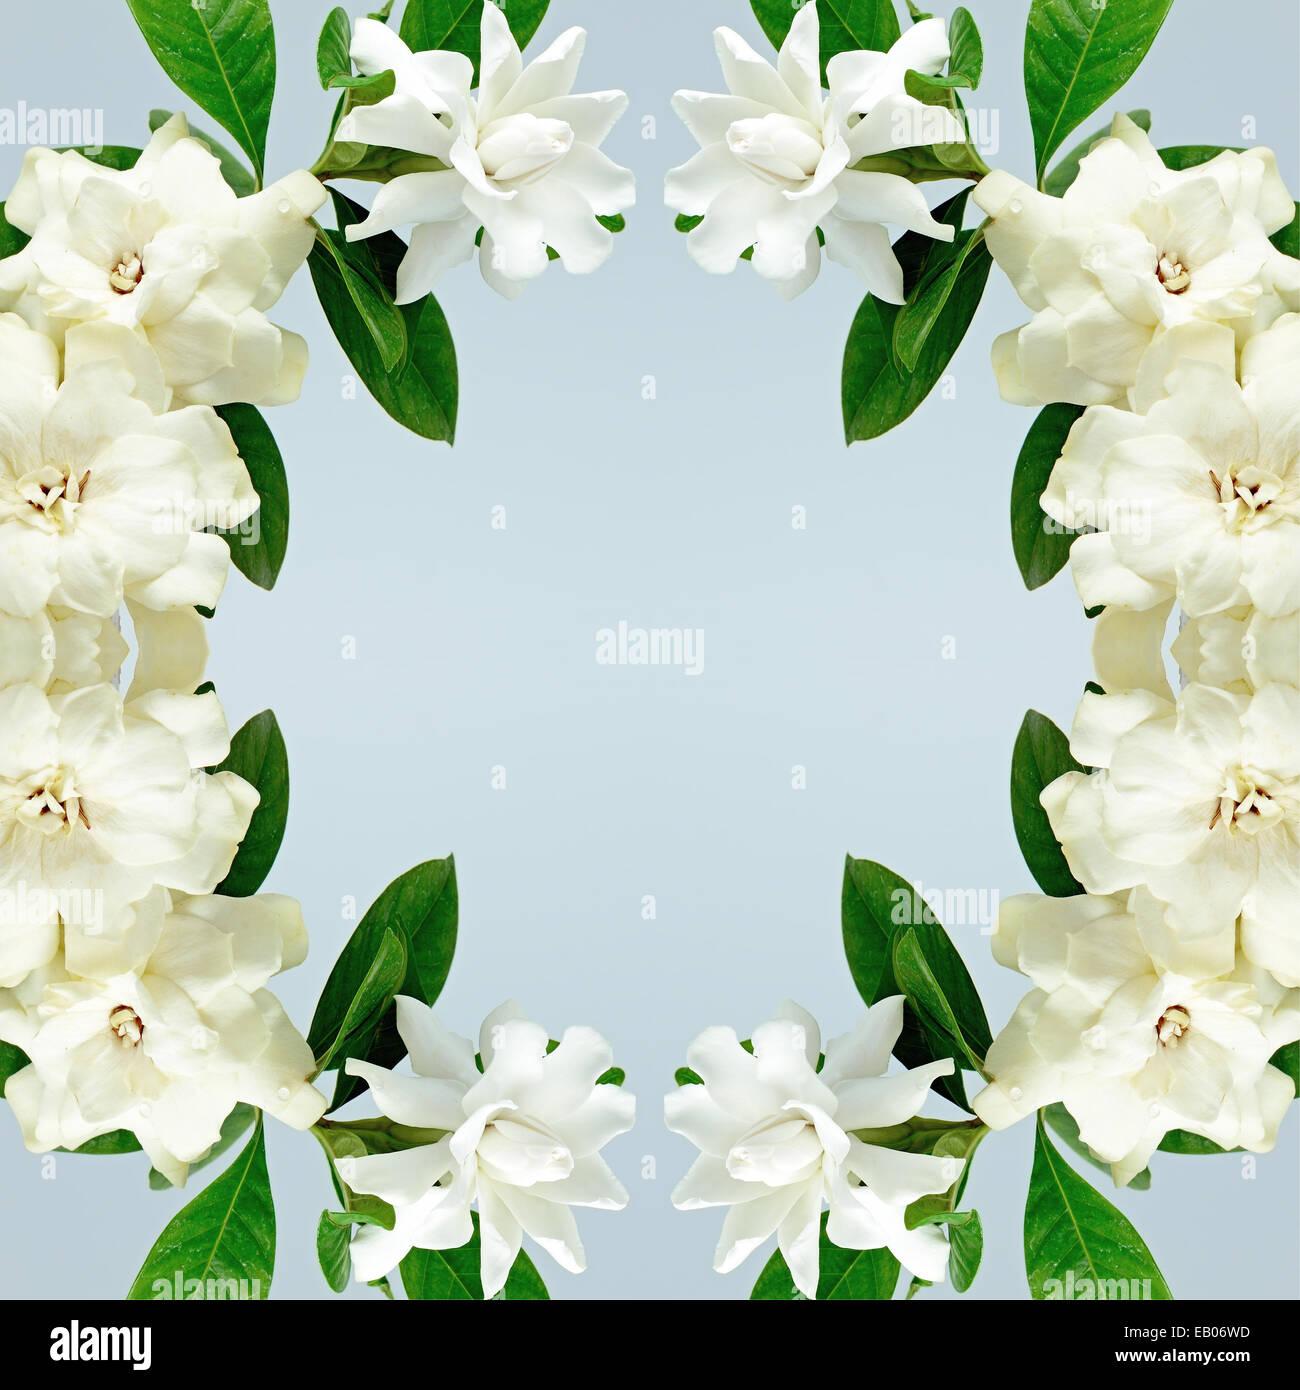 White gardenia flower or cape jasmine gardenia jasminoides stock white gardenia flower or cape jasmine gardenia jasminoides isolated on a blue background mightylinksfo